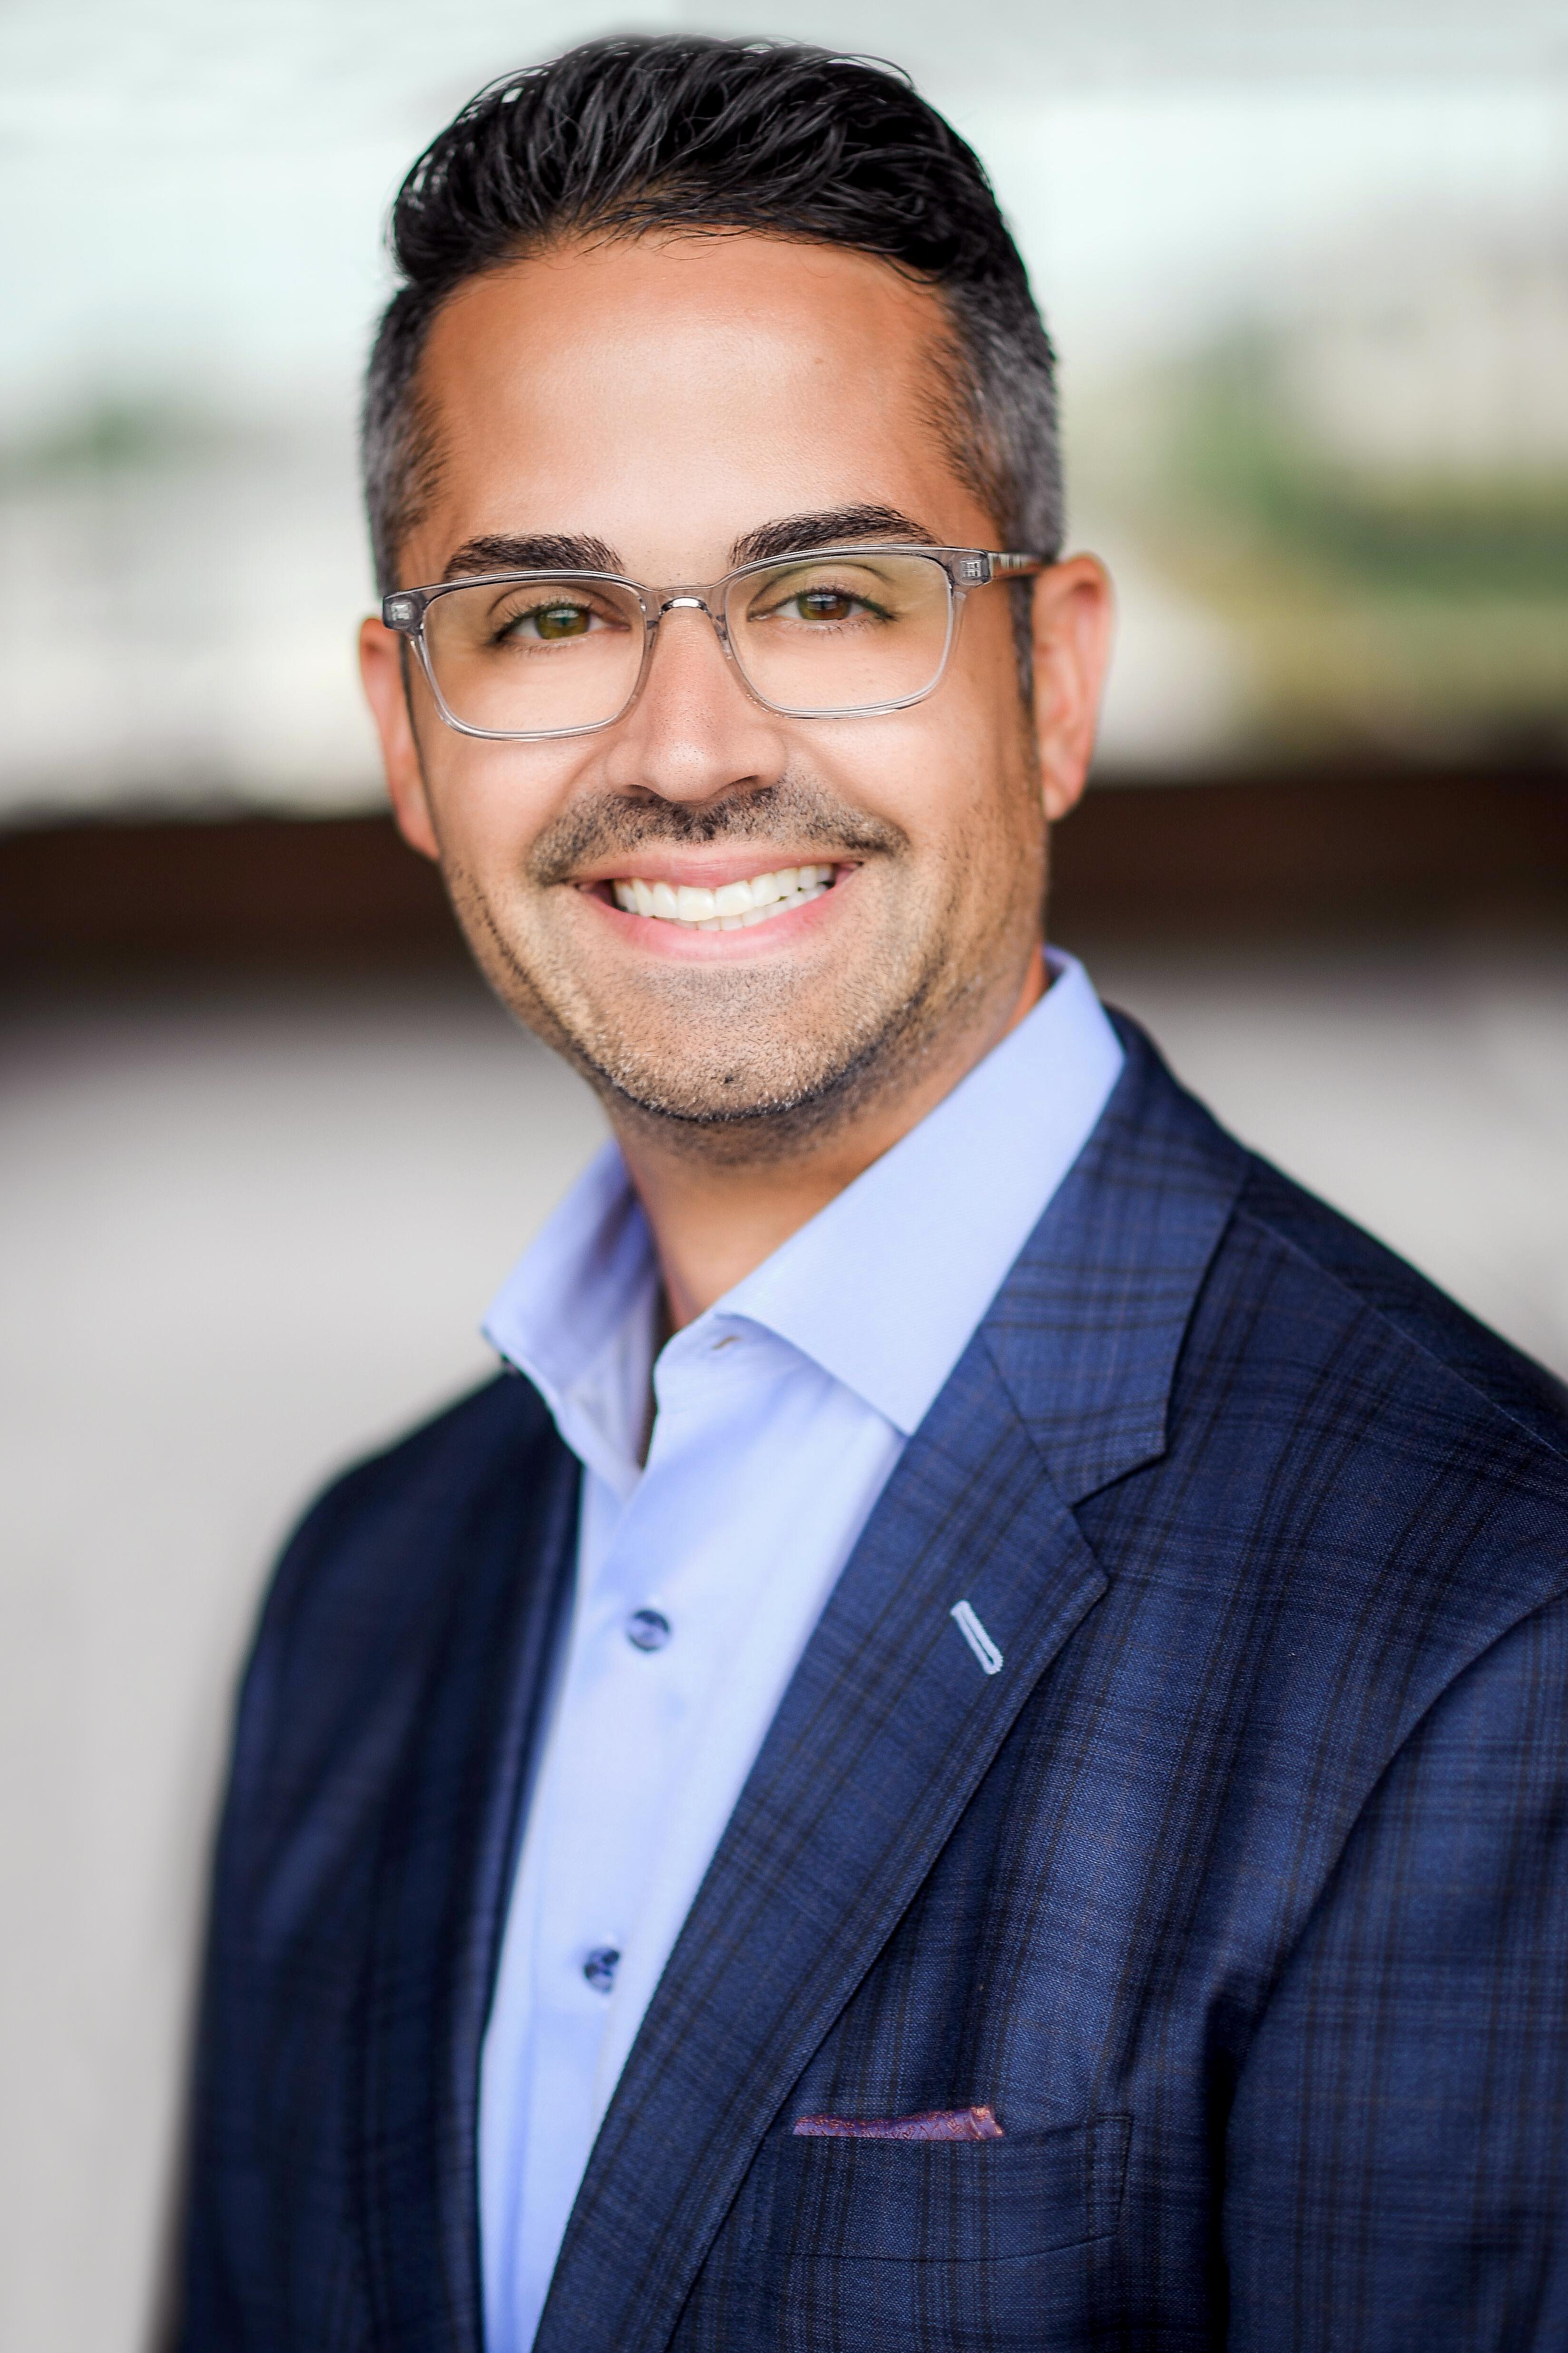 Image for Christian Giardini - Founder + Partner, Wealth Management Advisor, CapWell Financial Advisors